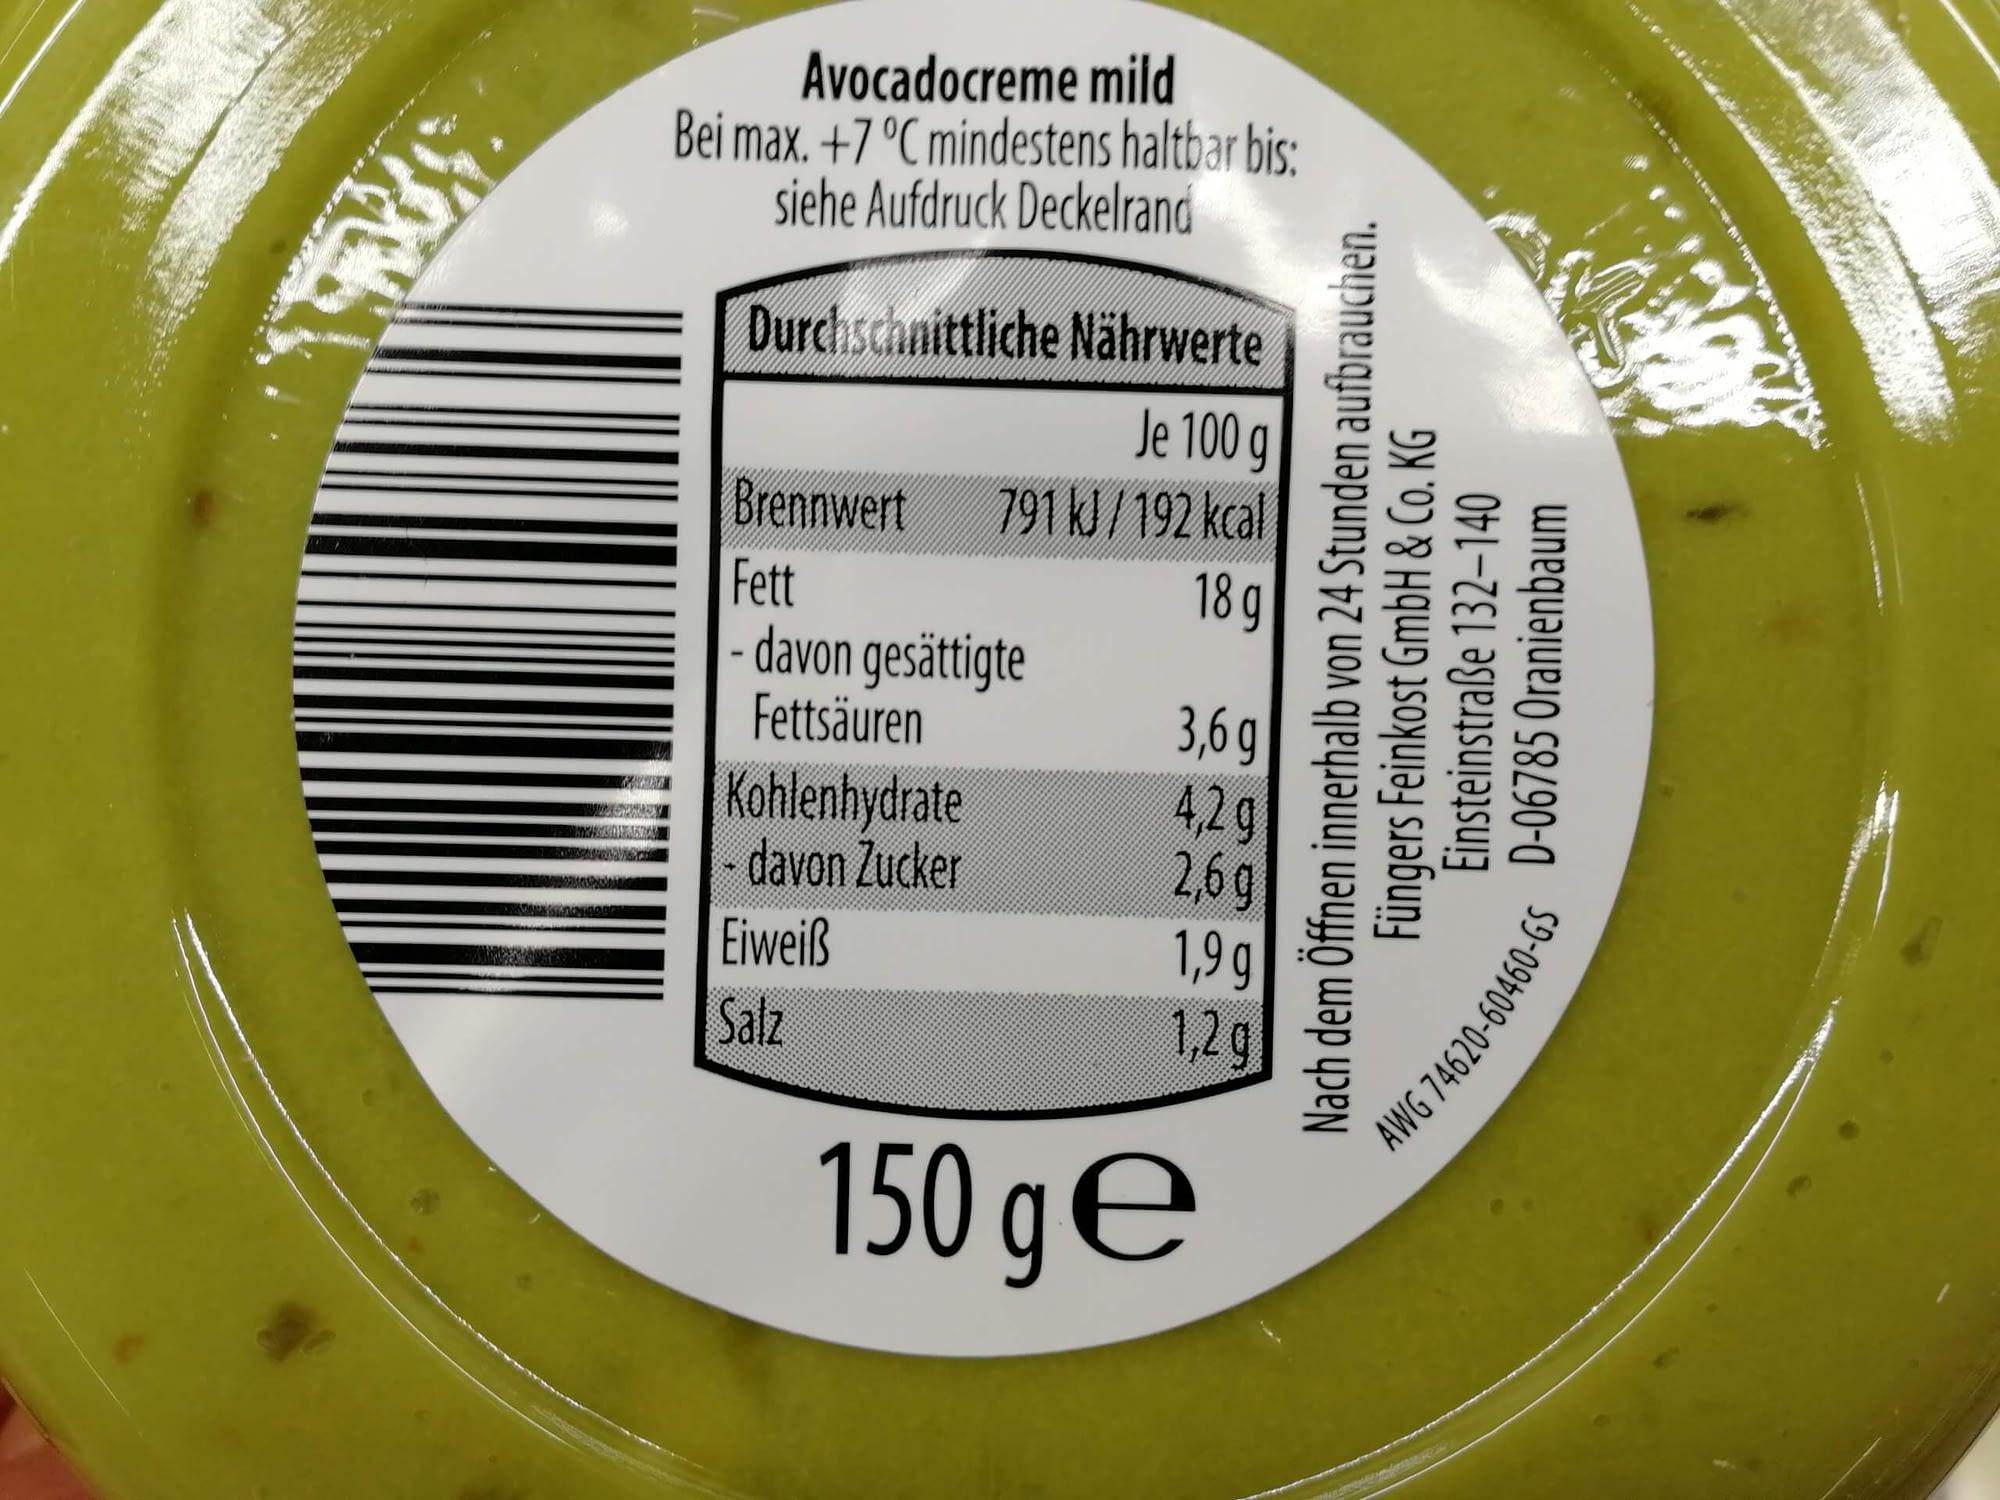 Keto-Snack-Aldi-Guacamole-Nährwerte